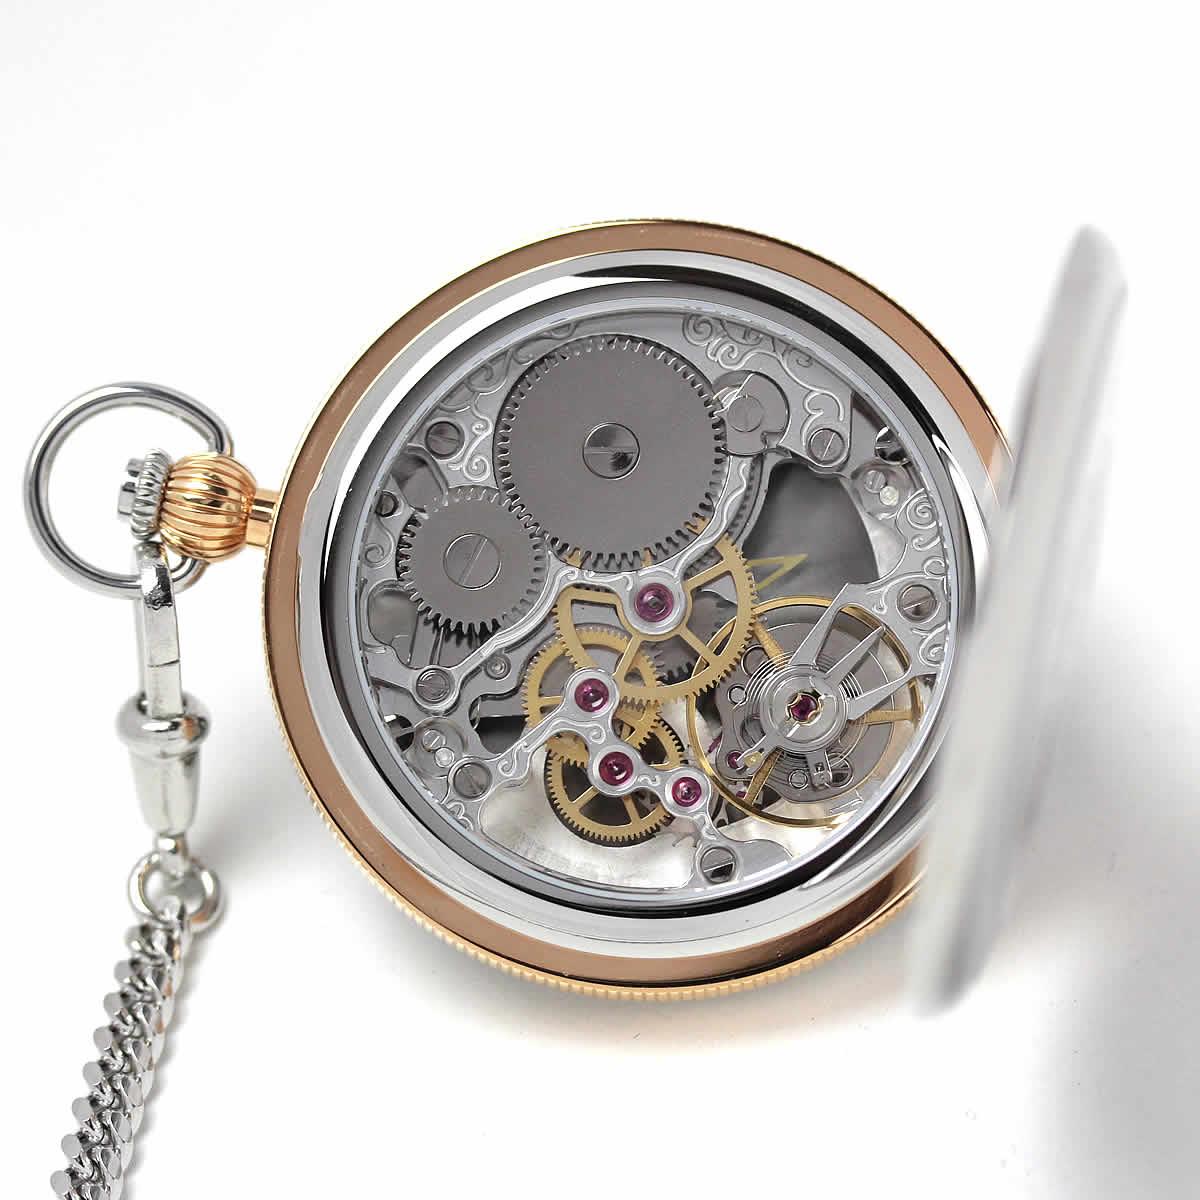 TISSOT 懐中時計 手巻き式